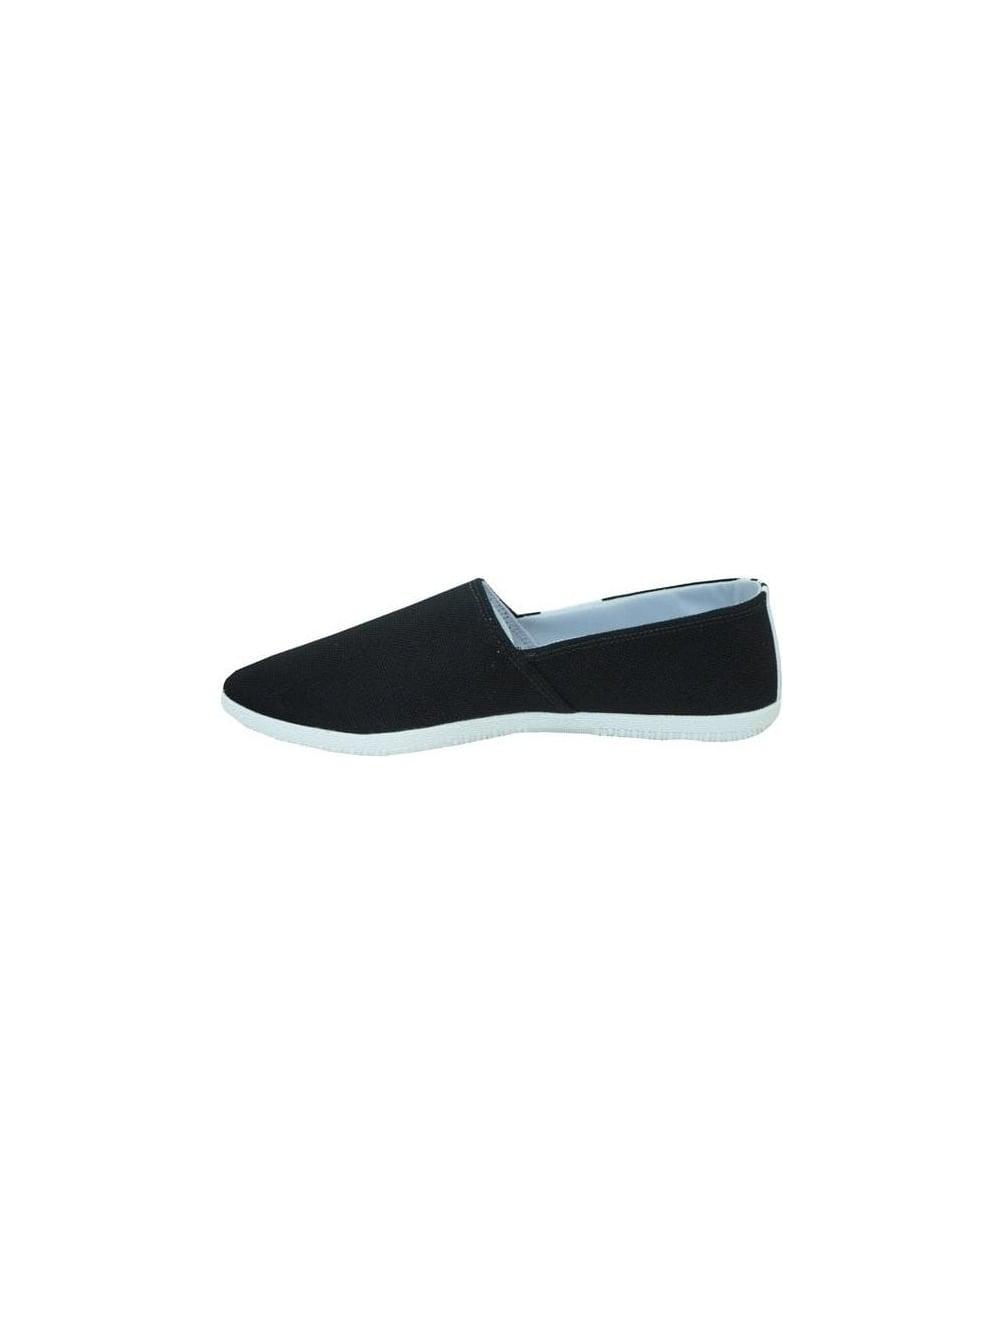 d5363e7c6671 Adidas Adidrill Canvas Pump in Black - Shop Adidas Originals at ...